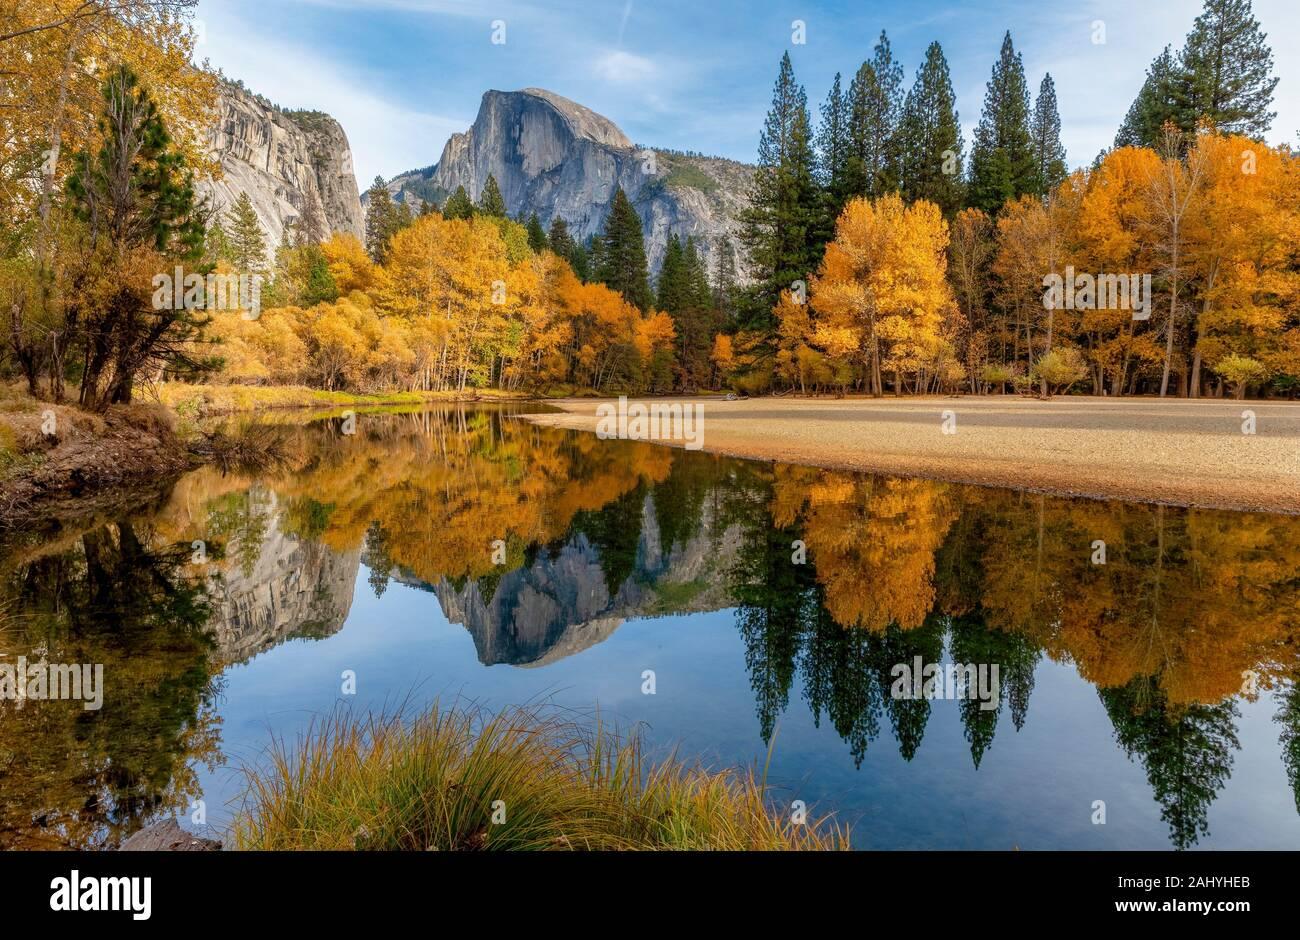 Tomber en dessous de la moitié Dome à Yosemite National Park CA USA World Emplacement. Banque D'Images